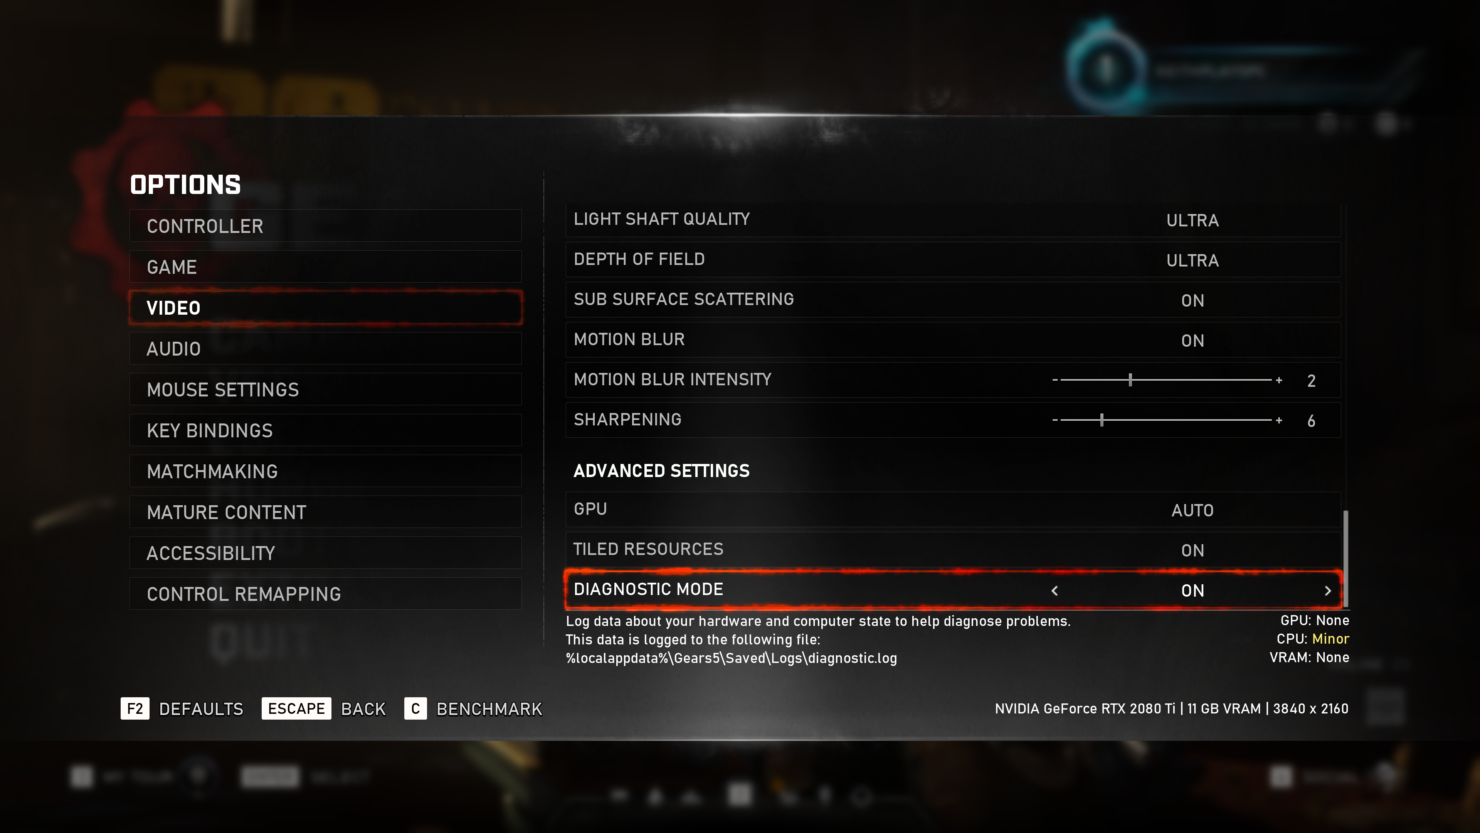 gears-of-war-5-screenshot-2019-09-07-11-32-23-77